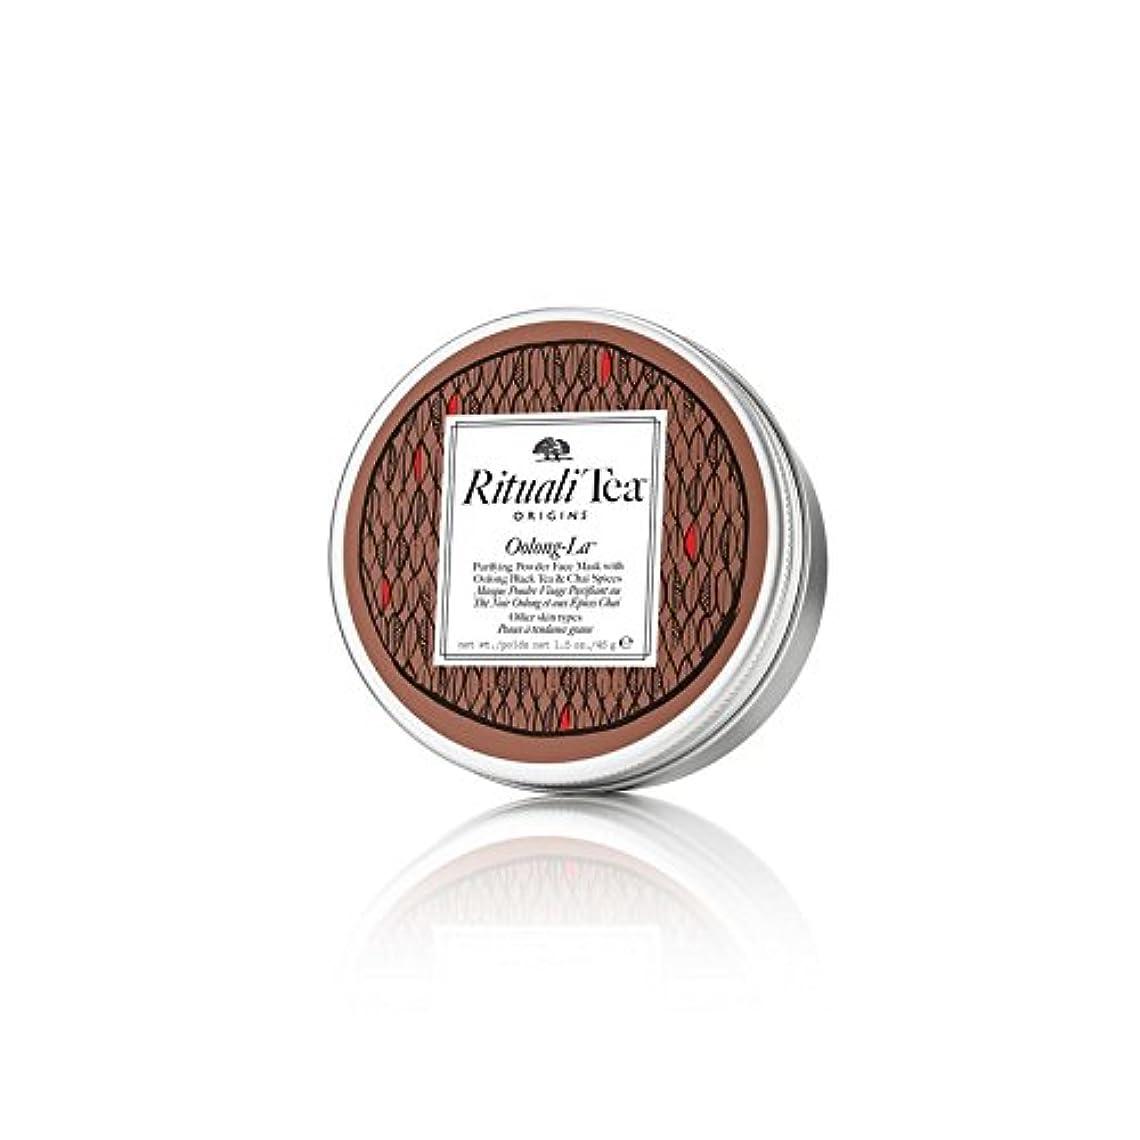 警報地上でリベラルOrigins Powdered Tea Face Mask Oolong-La 45g (Pack of 6) - 起源抹茶フェイスマスク烏龍茶ラ45グラム x6 [並行輸入品]